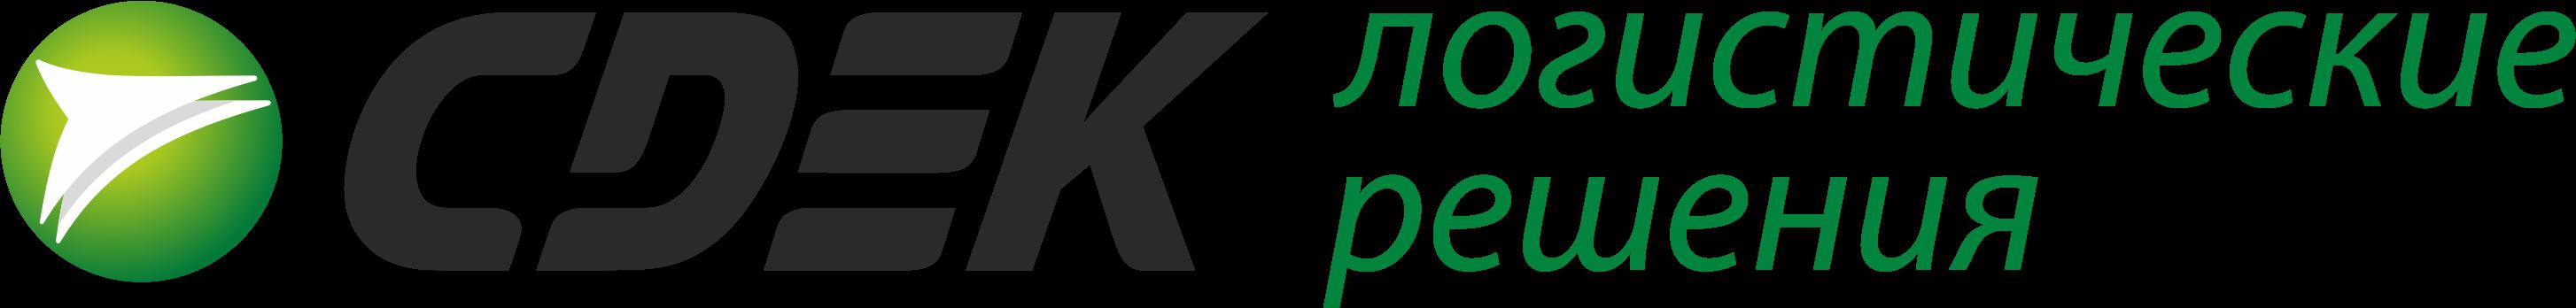 cdek-world.ru